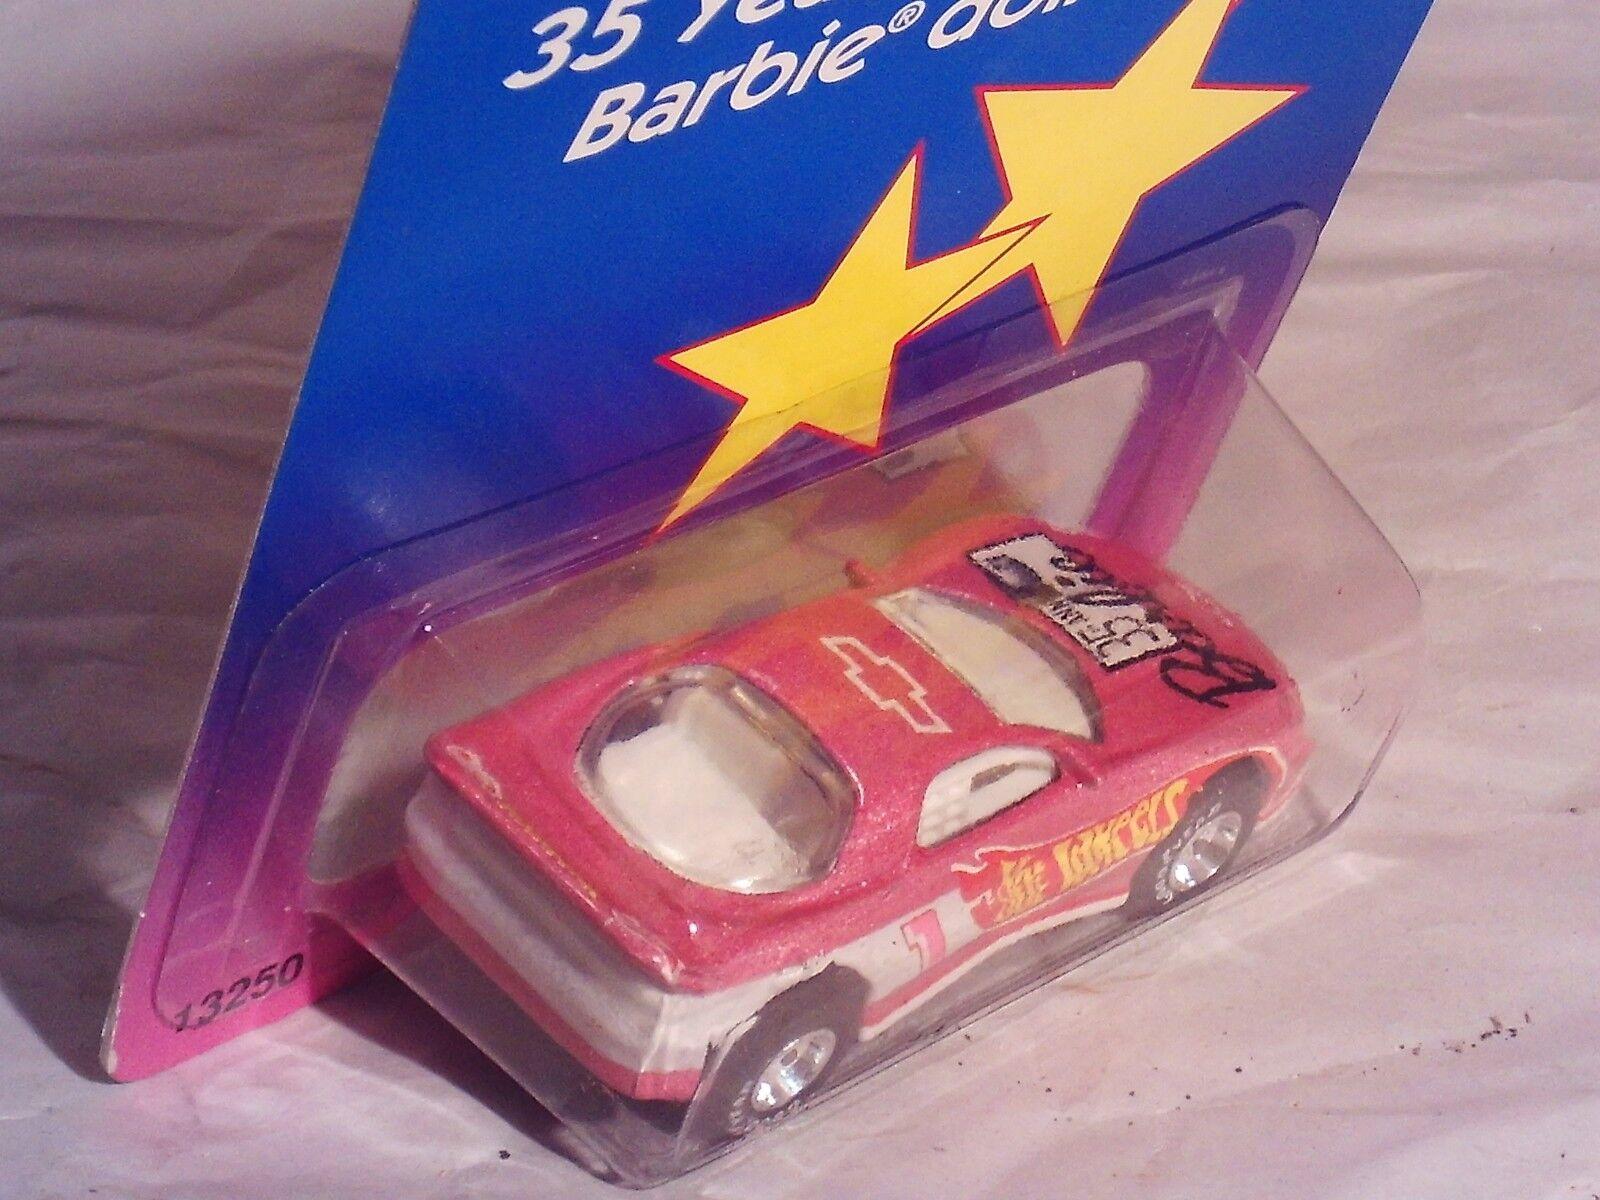 Vintage   rara rara rara Barbie Hot Wheels 1994 Camaro 1 de 8,000 8e8cae